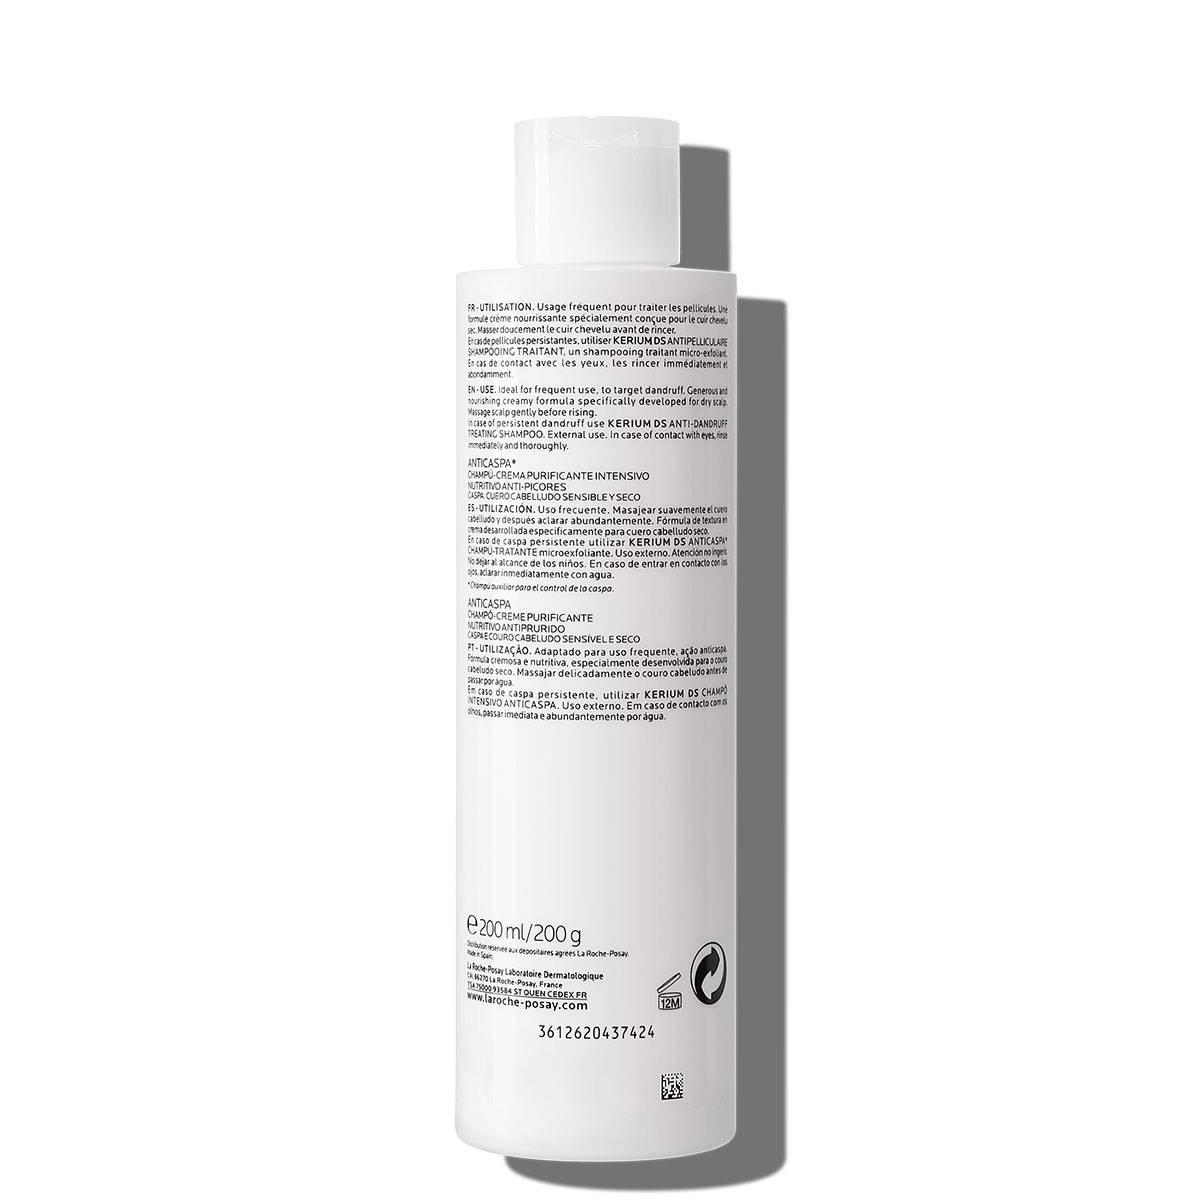 La Roche Posay ProductPage Kerium Anti Dandruff Cream Shampoo 200ml 34